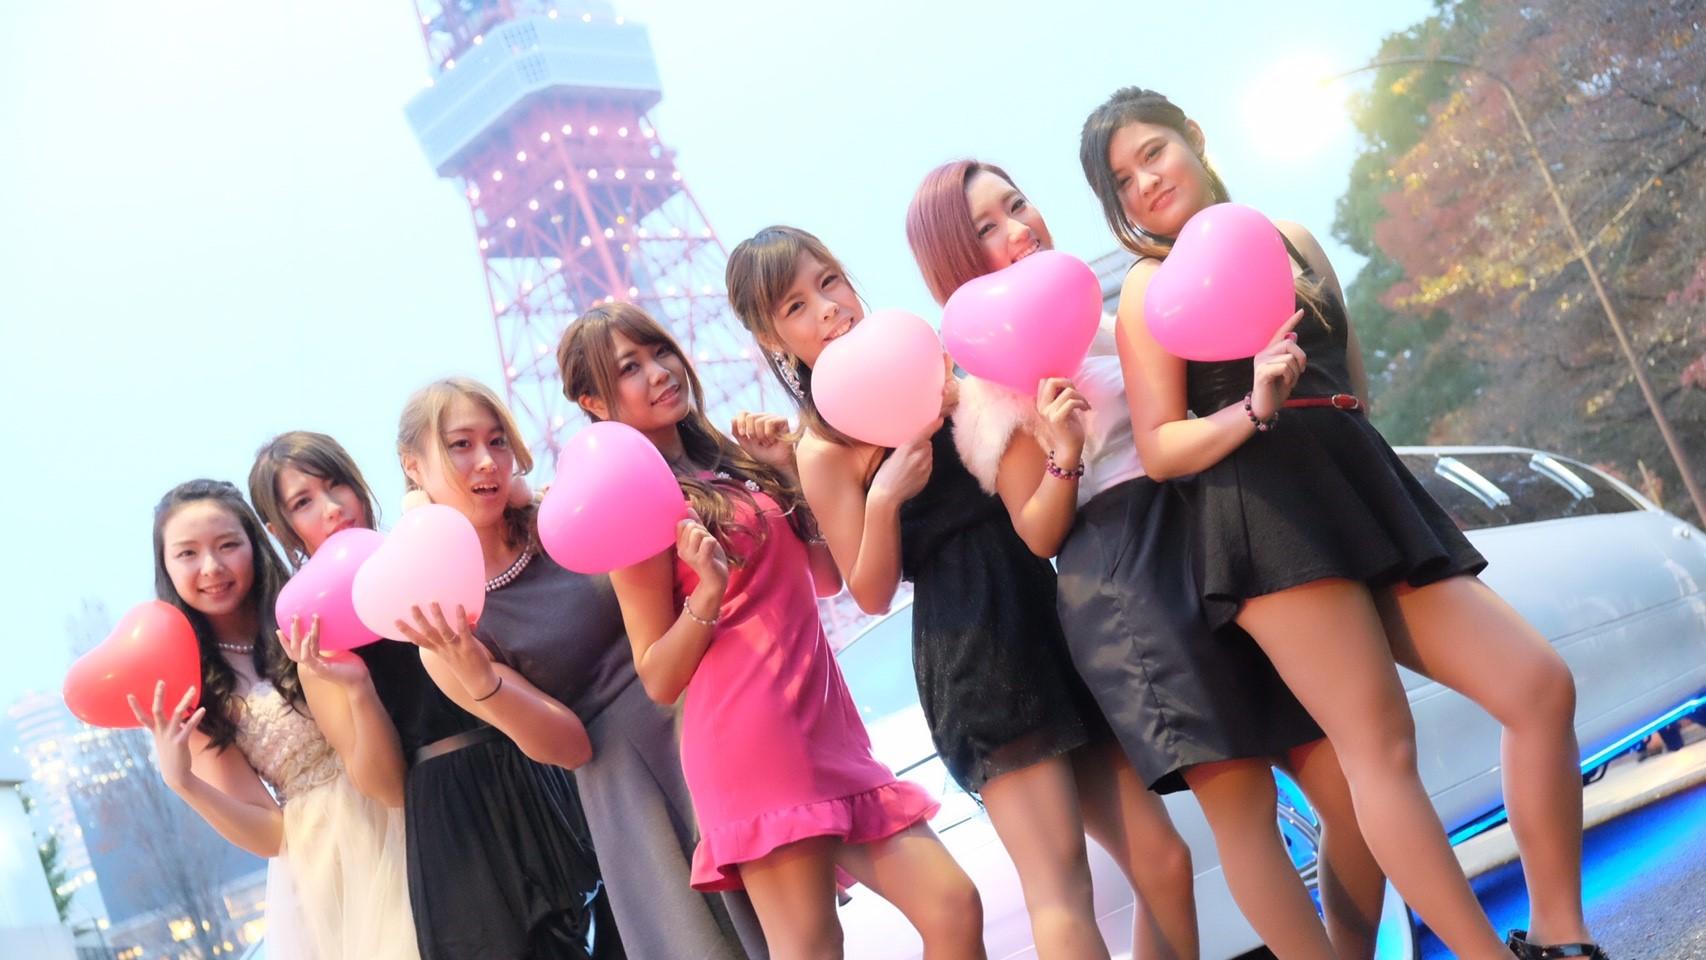 東京タワーで記念撮影しながらリムジンパーティーで盛上がっている写真。皆で撮影パーティーを楽しんでいる画像です